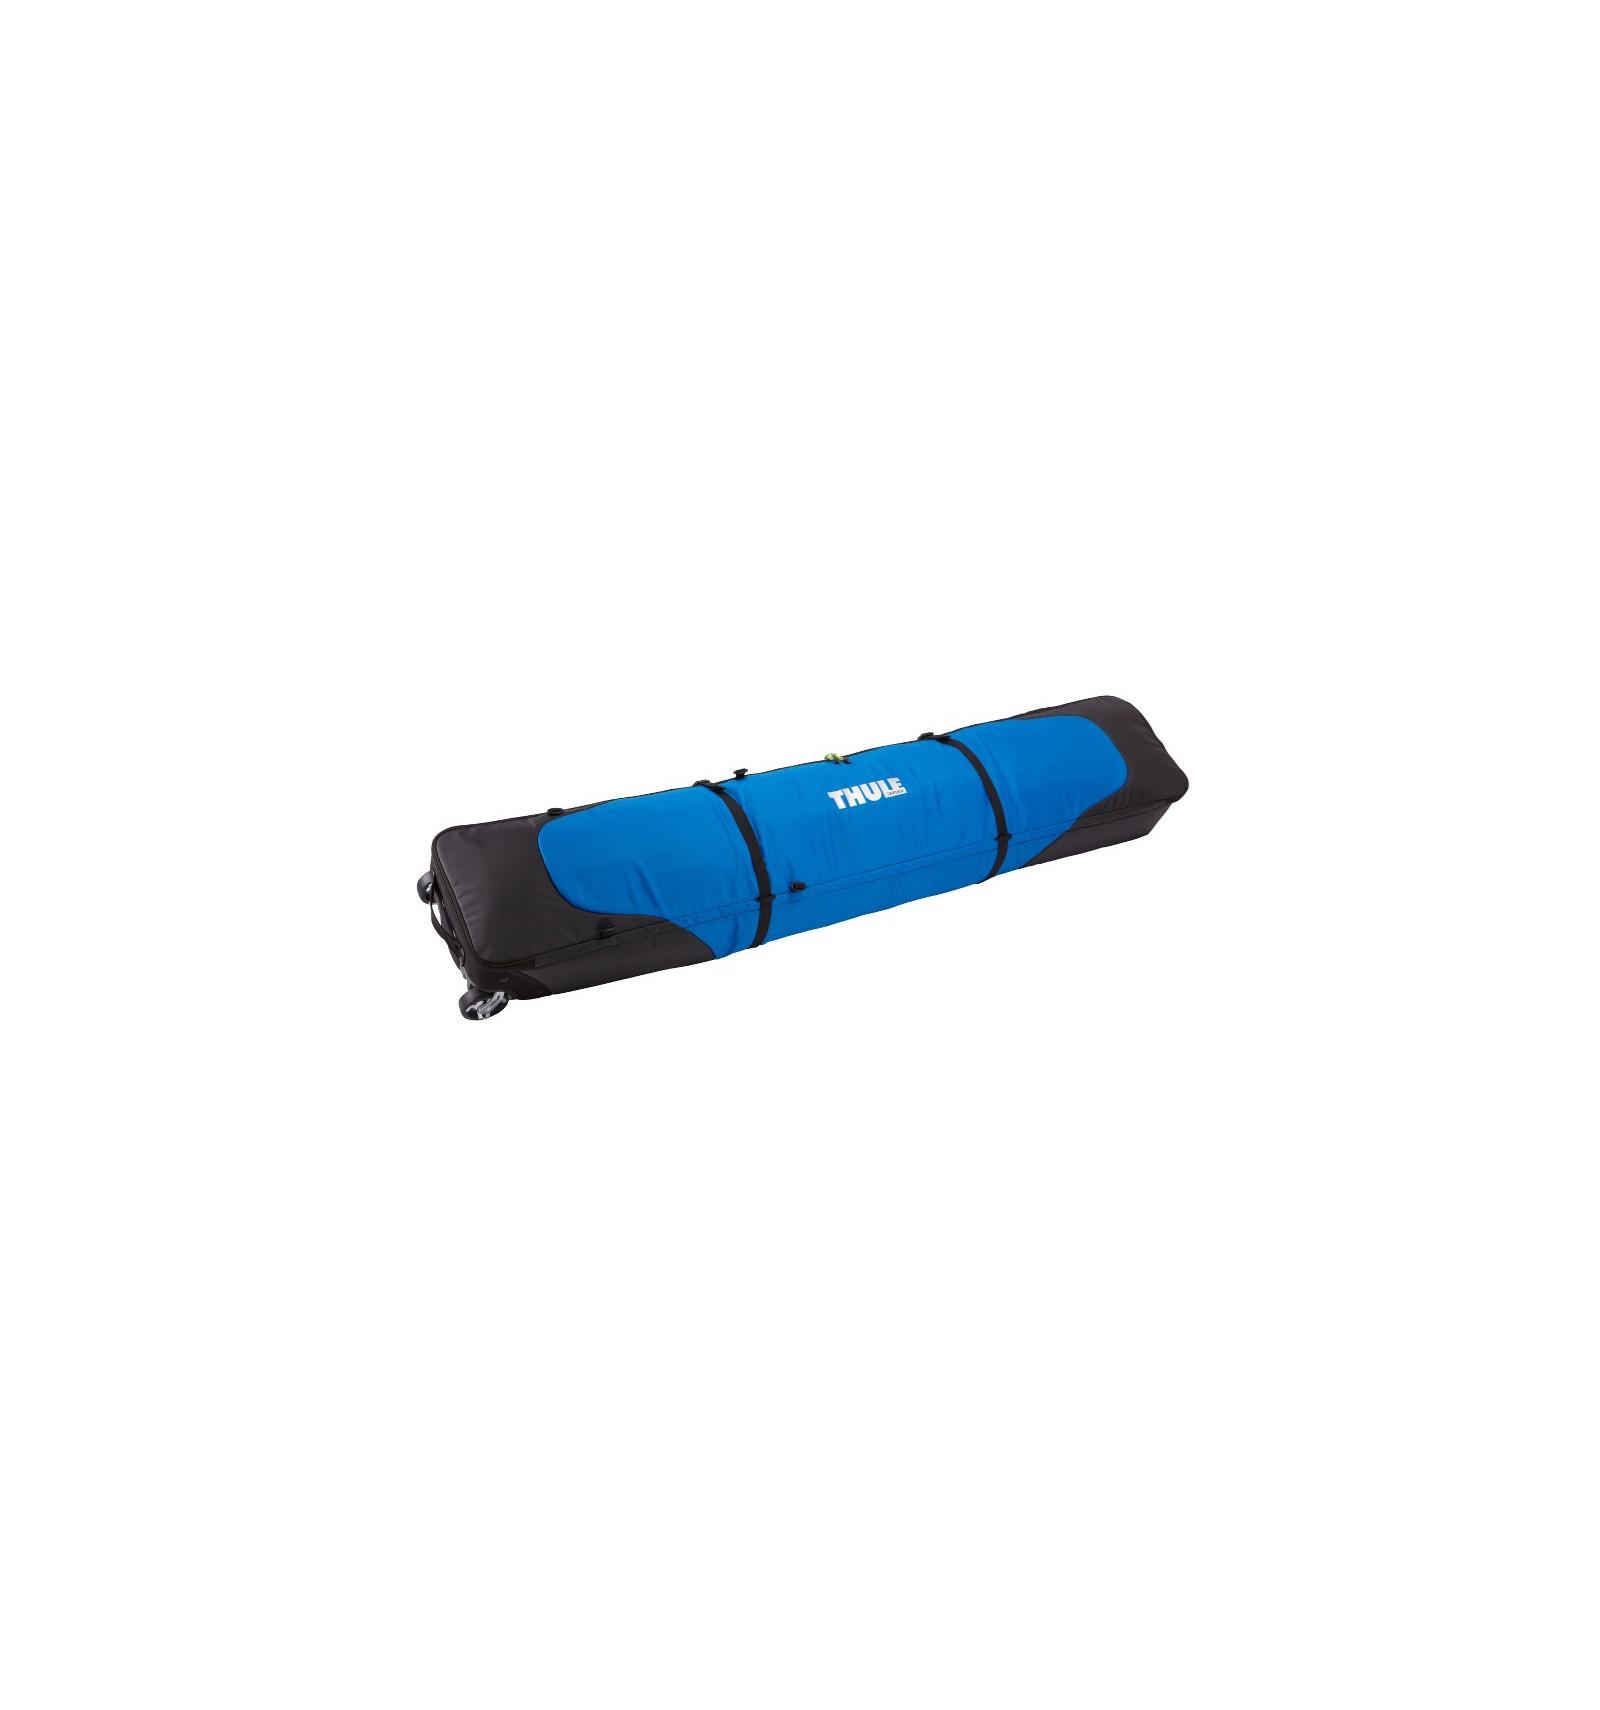 Housse de ski double 190 cm black cobalt 119 l for Housse de snowboard